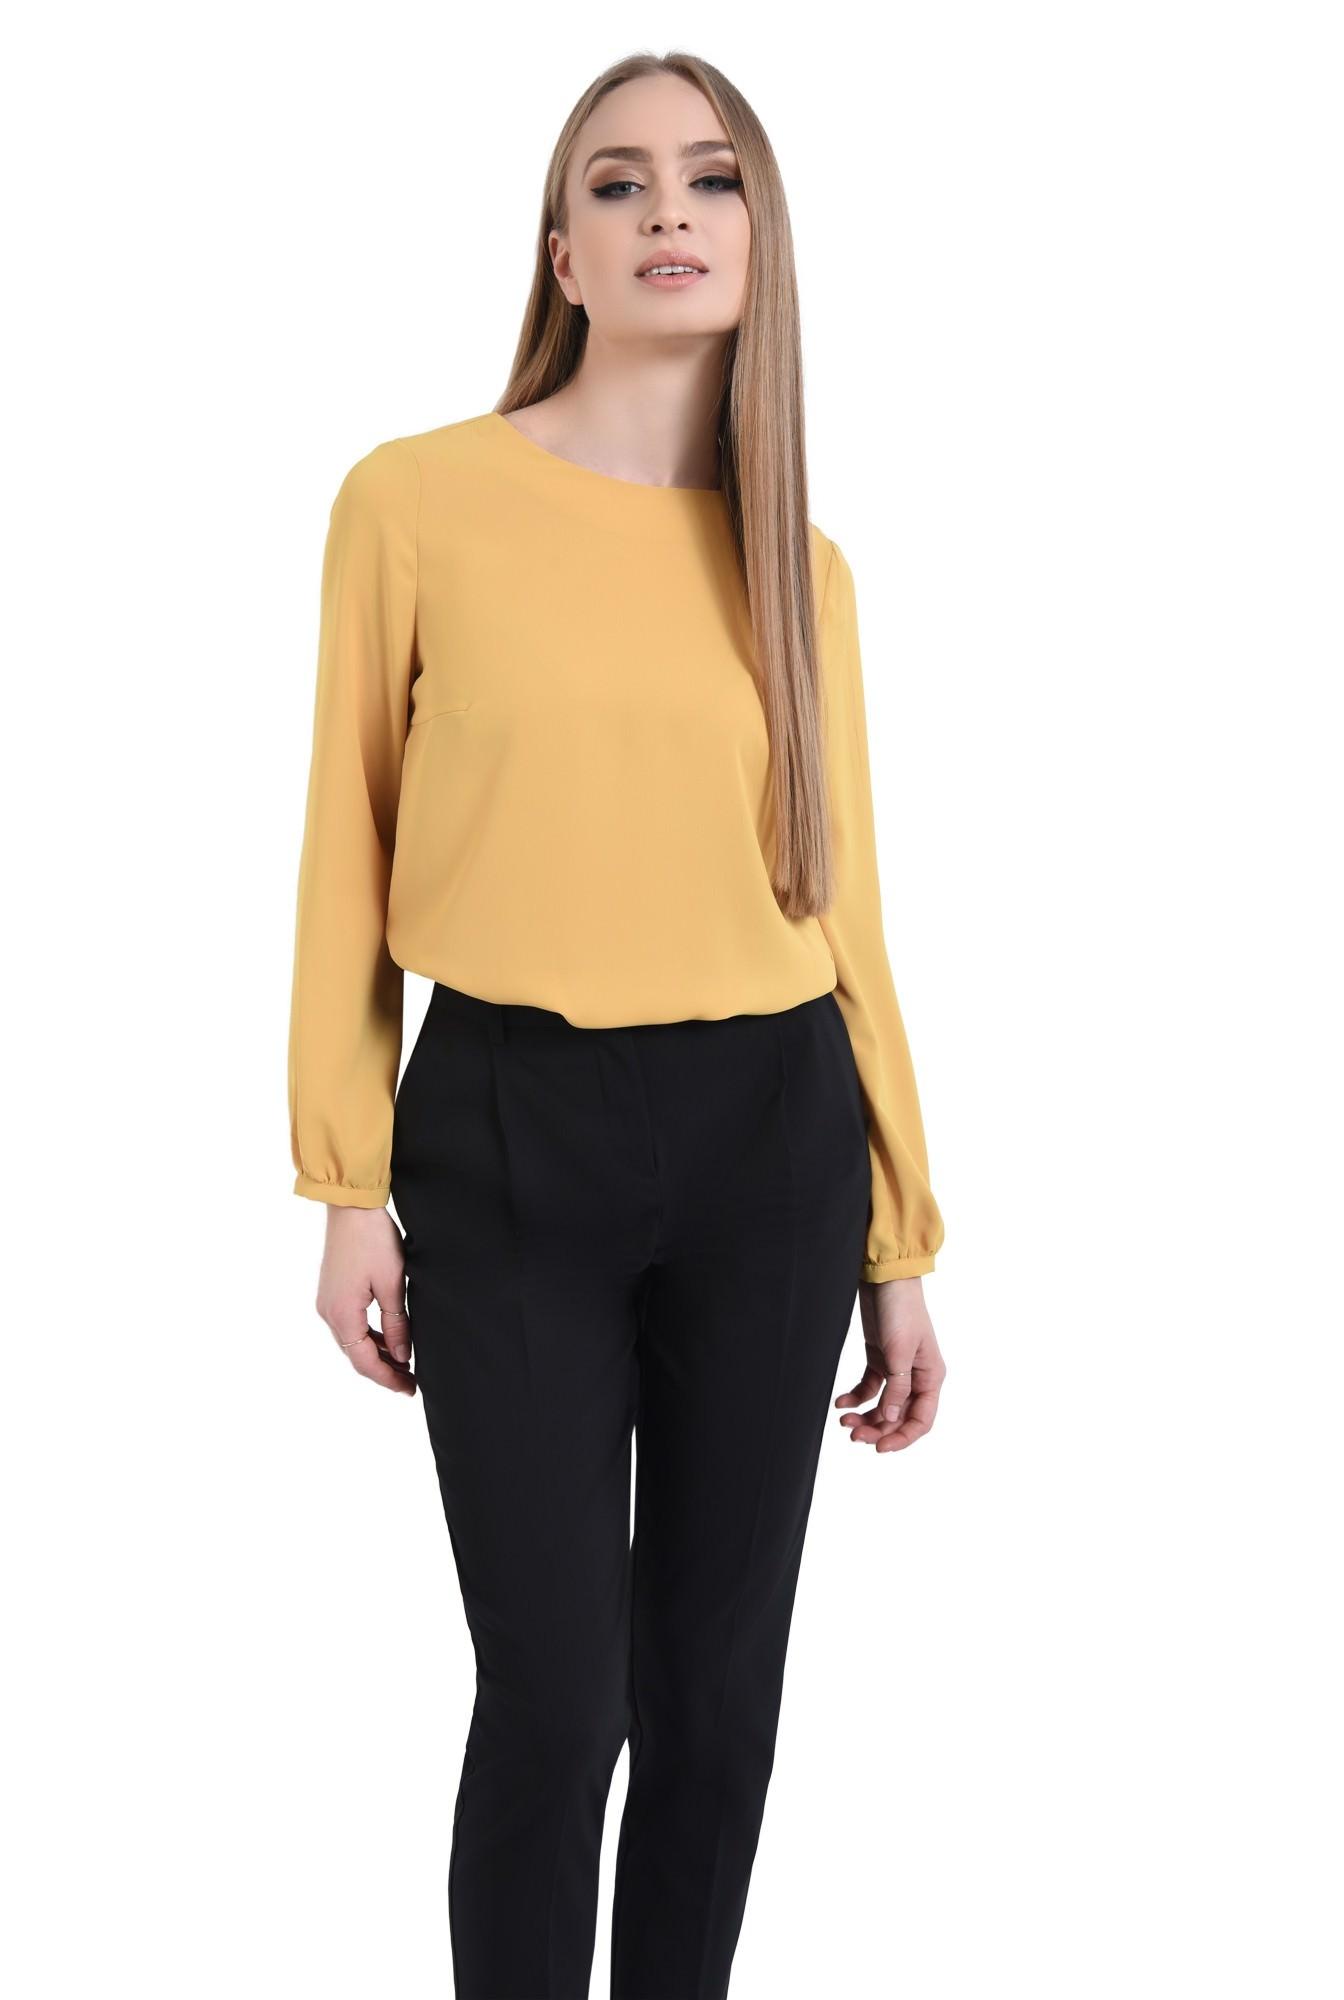 0 - Bluza casual, mustar, maneci lungi